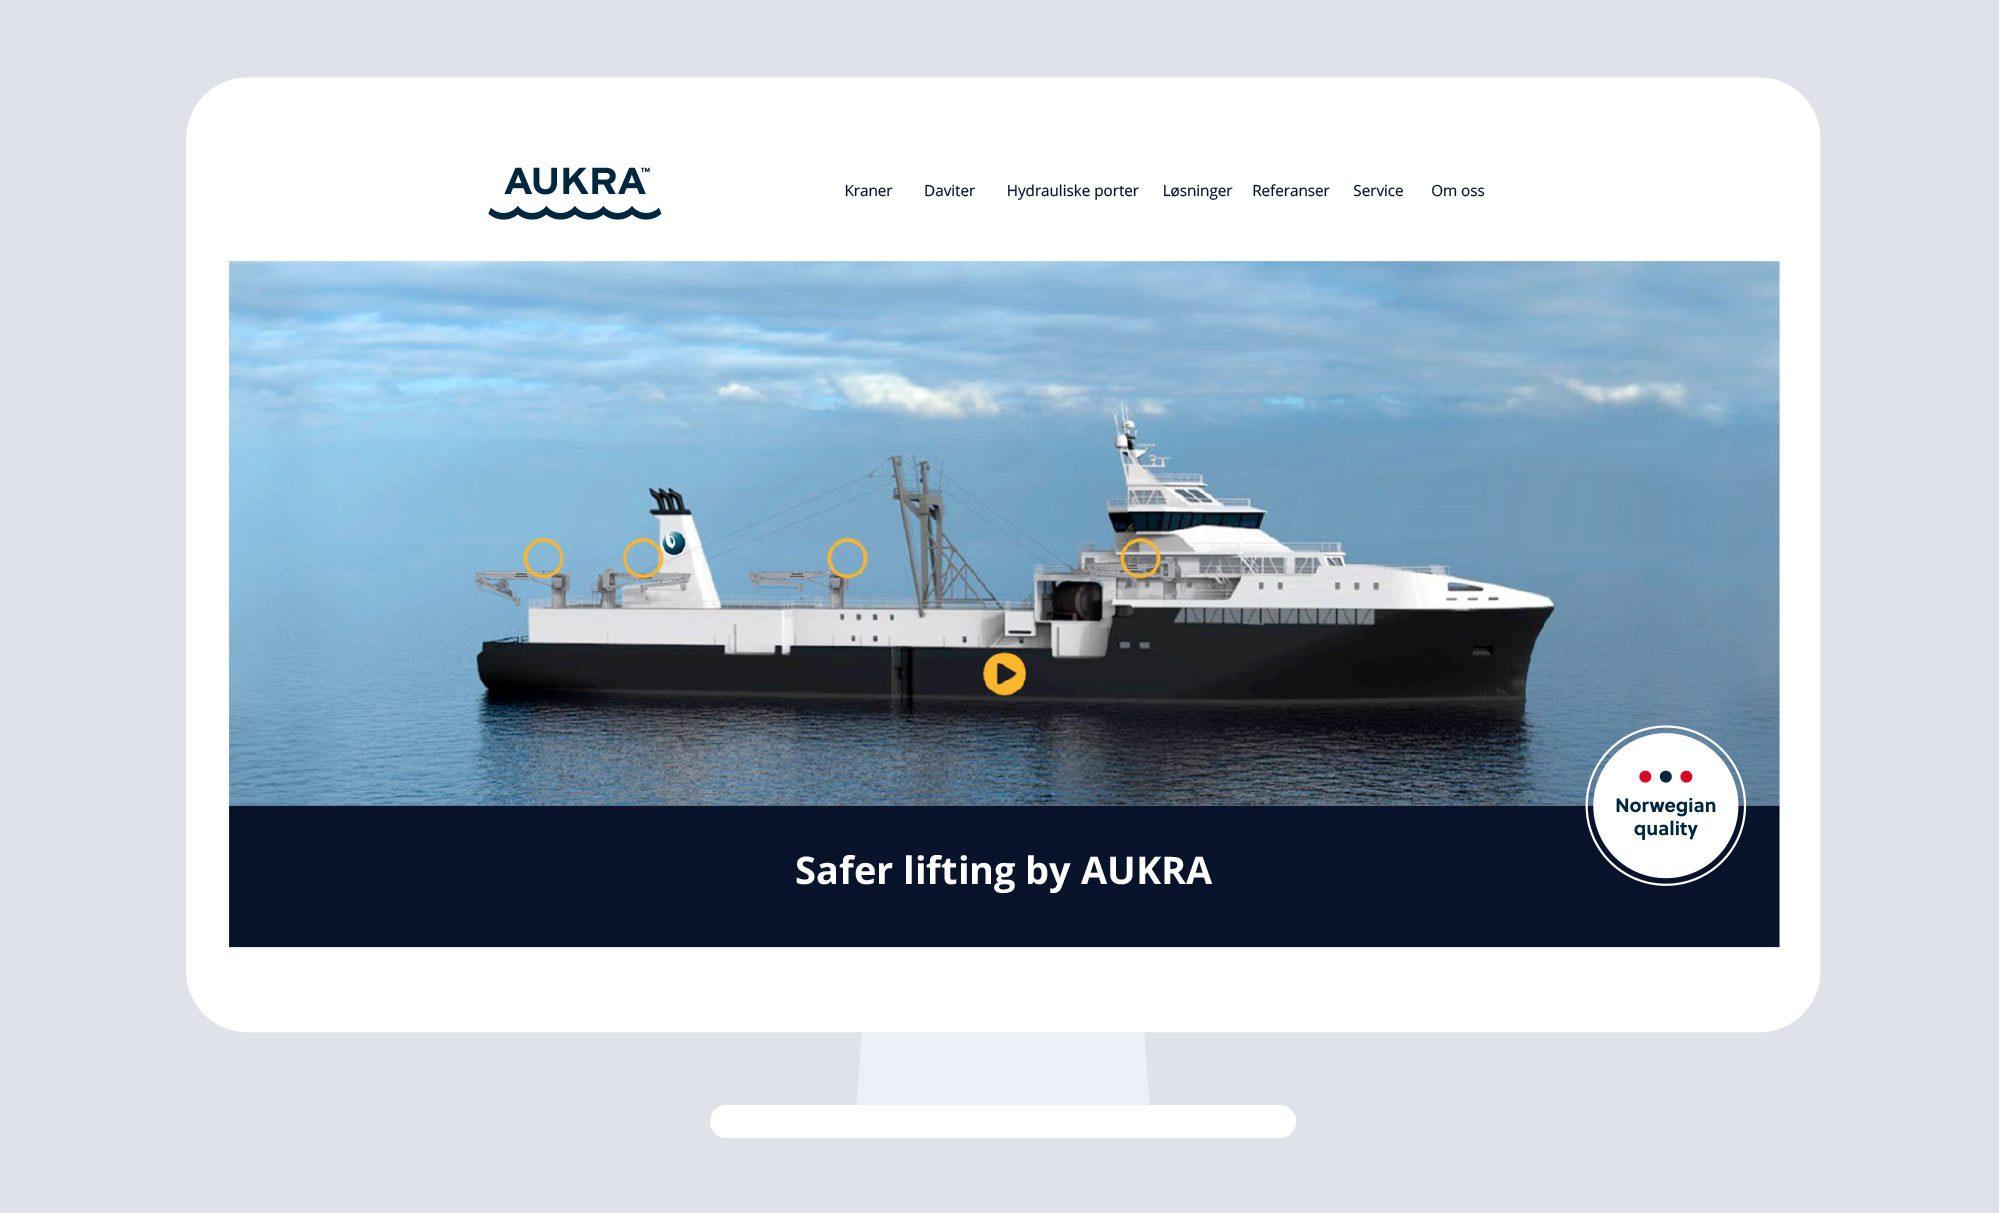 Aukra Maritime - Kraner - Daviter - Hydrauliske Porter